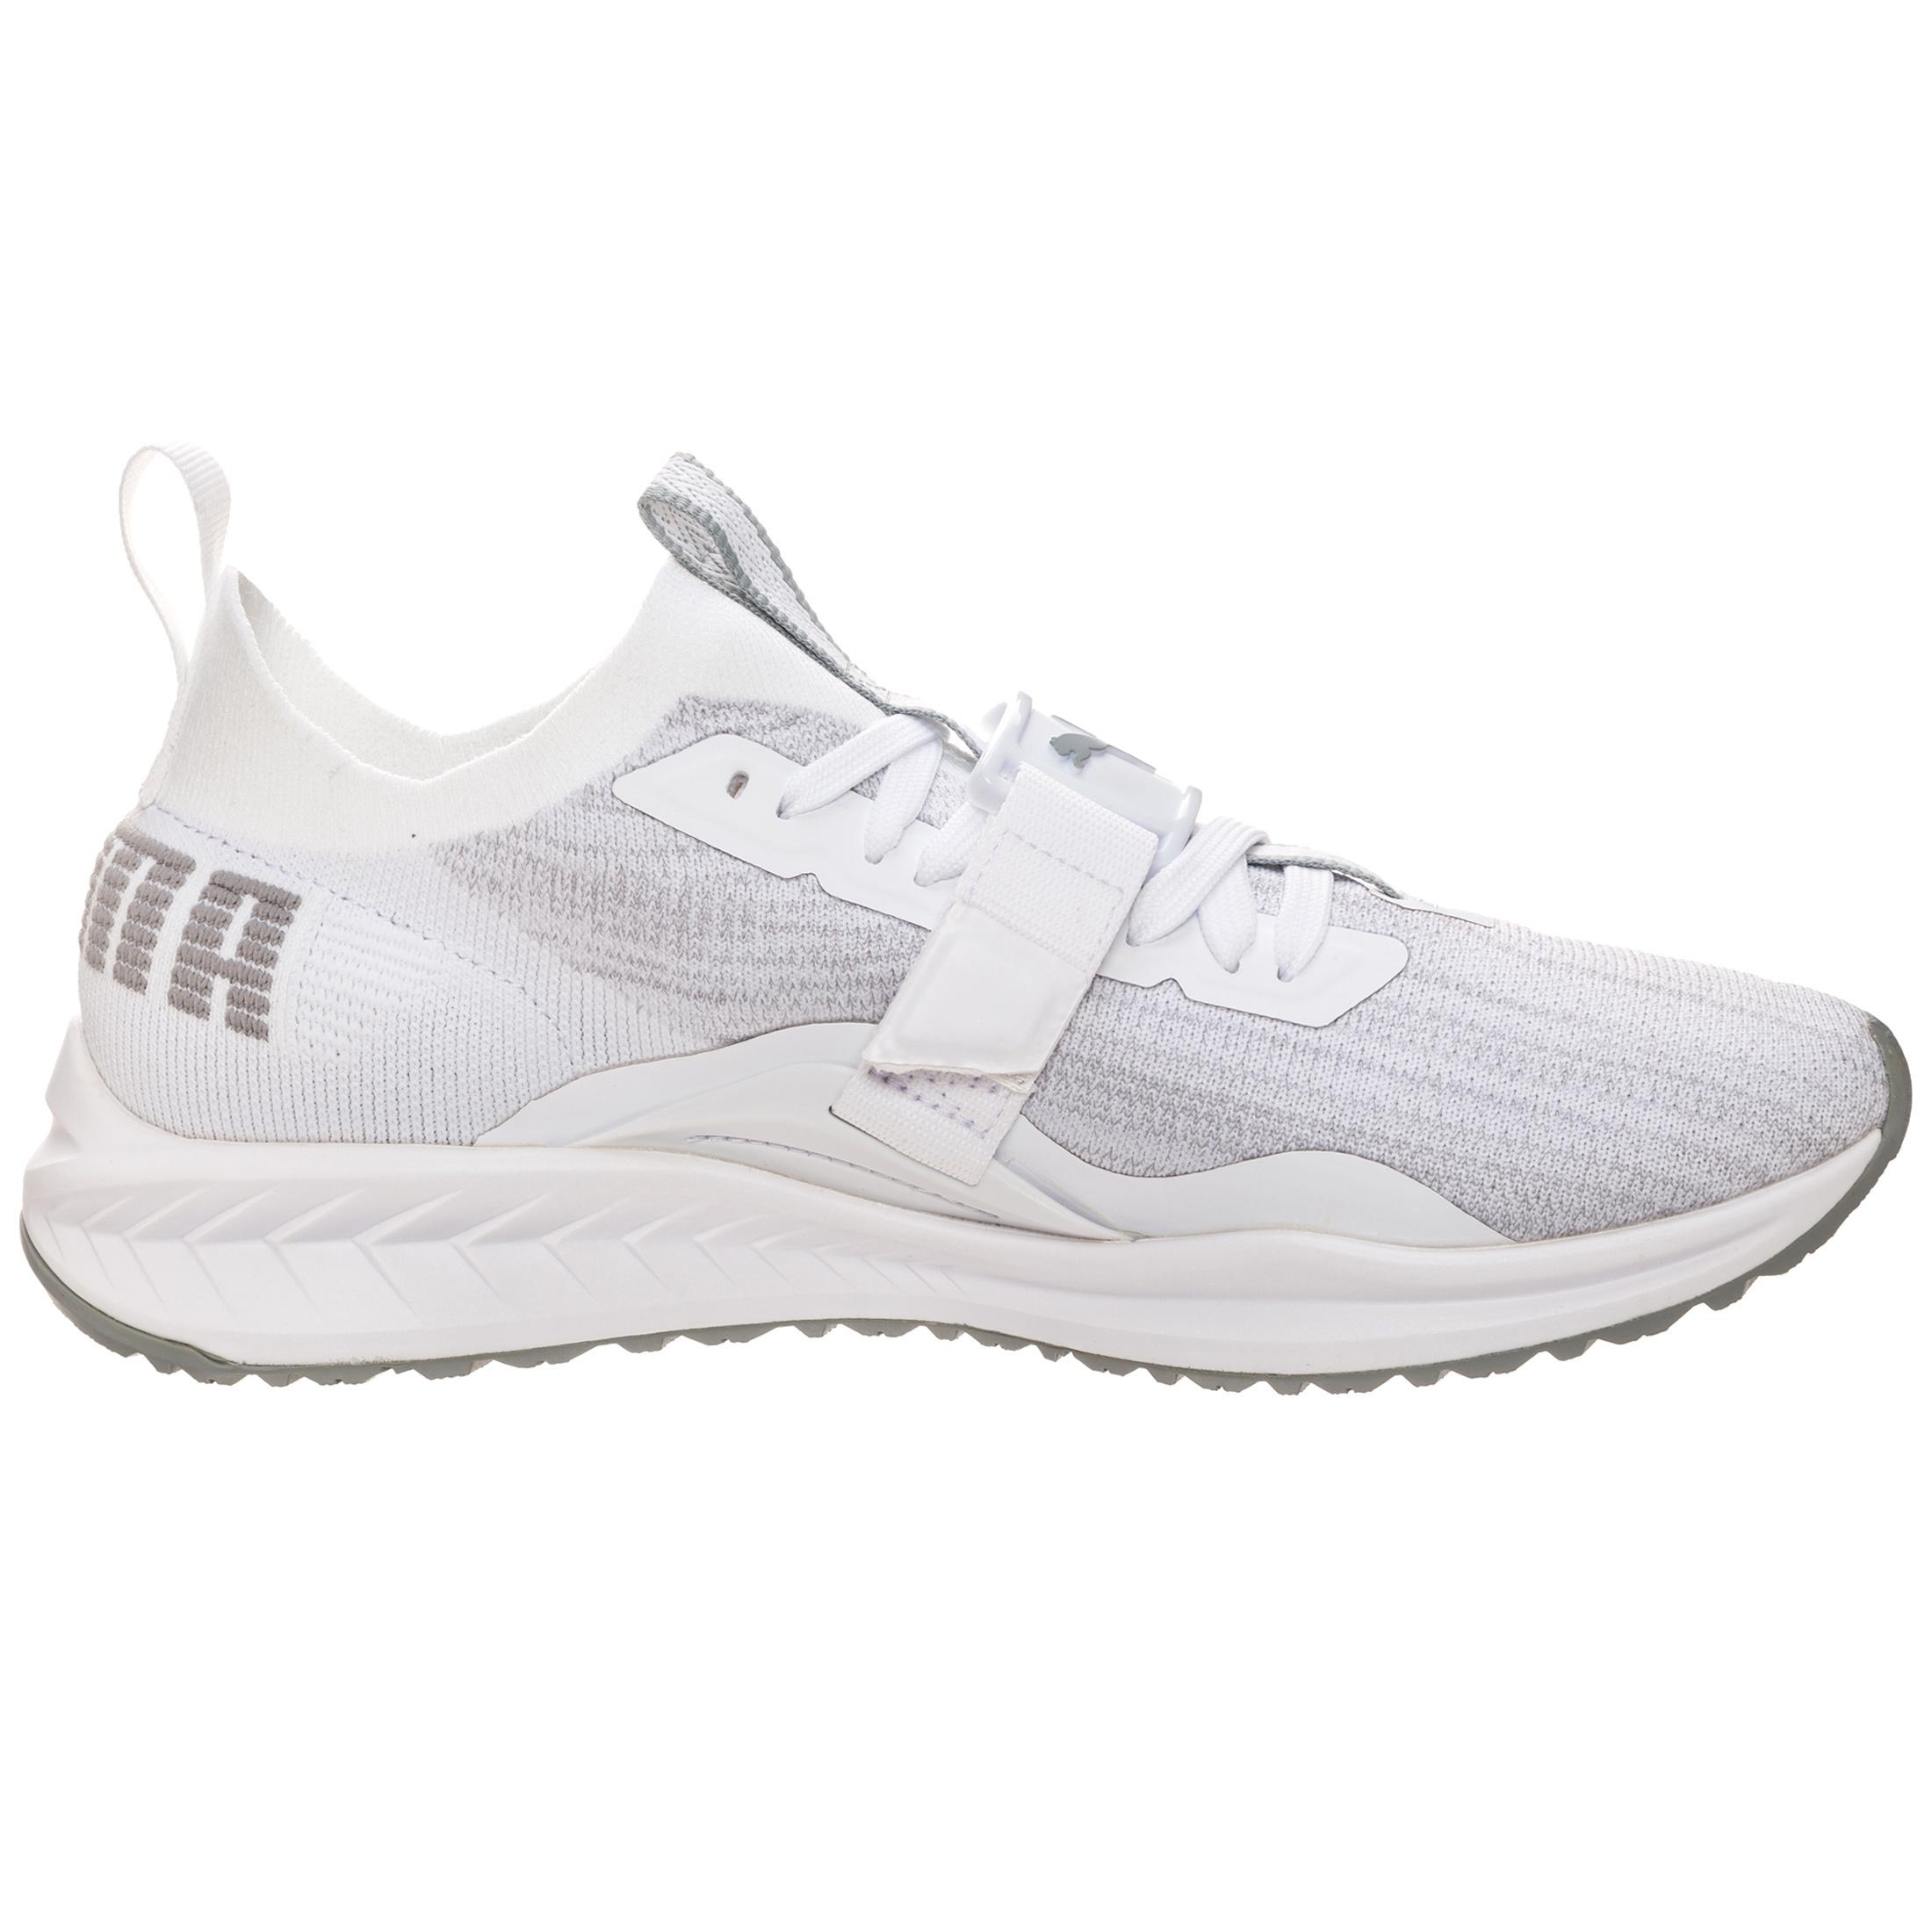 PUMA Ignite evoKNIT Lo 2 Turnschuhe Herren weiß   Gute grau im Online Shop von SportScheck kaufen Gute  Qualität beliebte Schuhe 1acf14